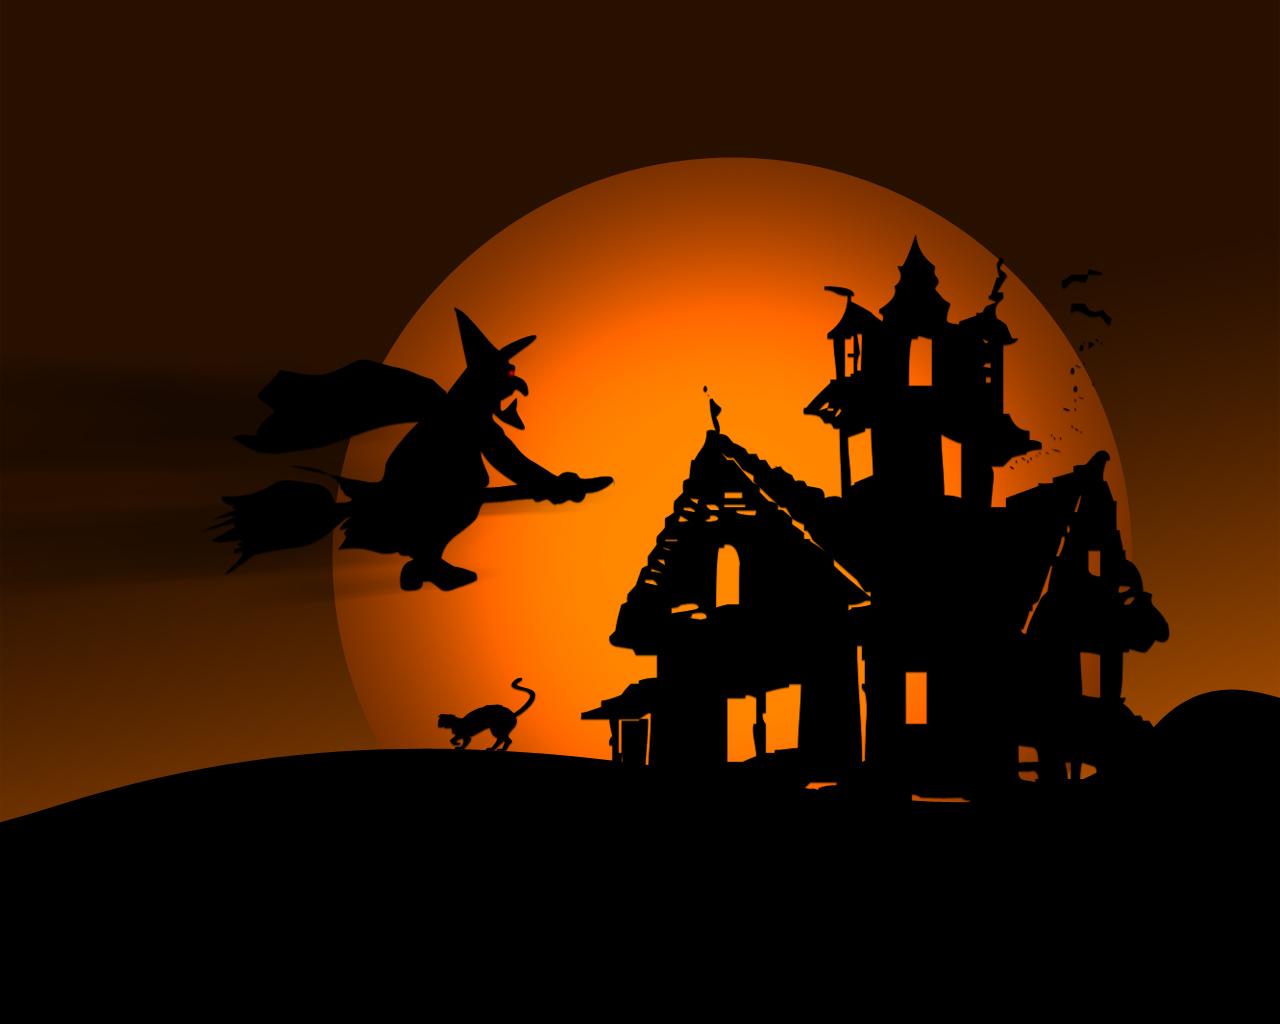 Fotos de Halloween Walpaper